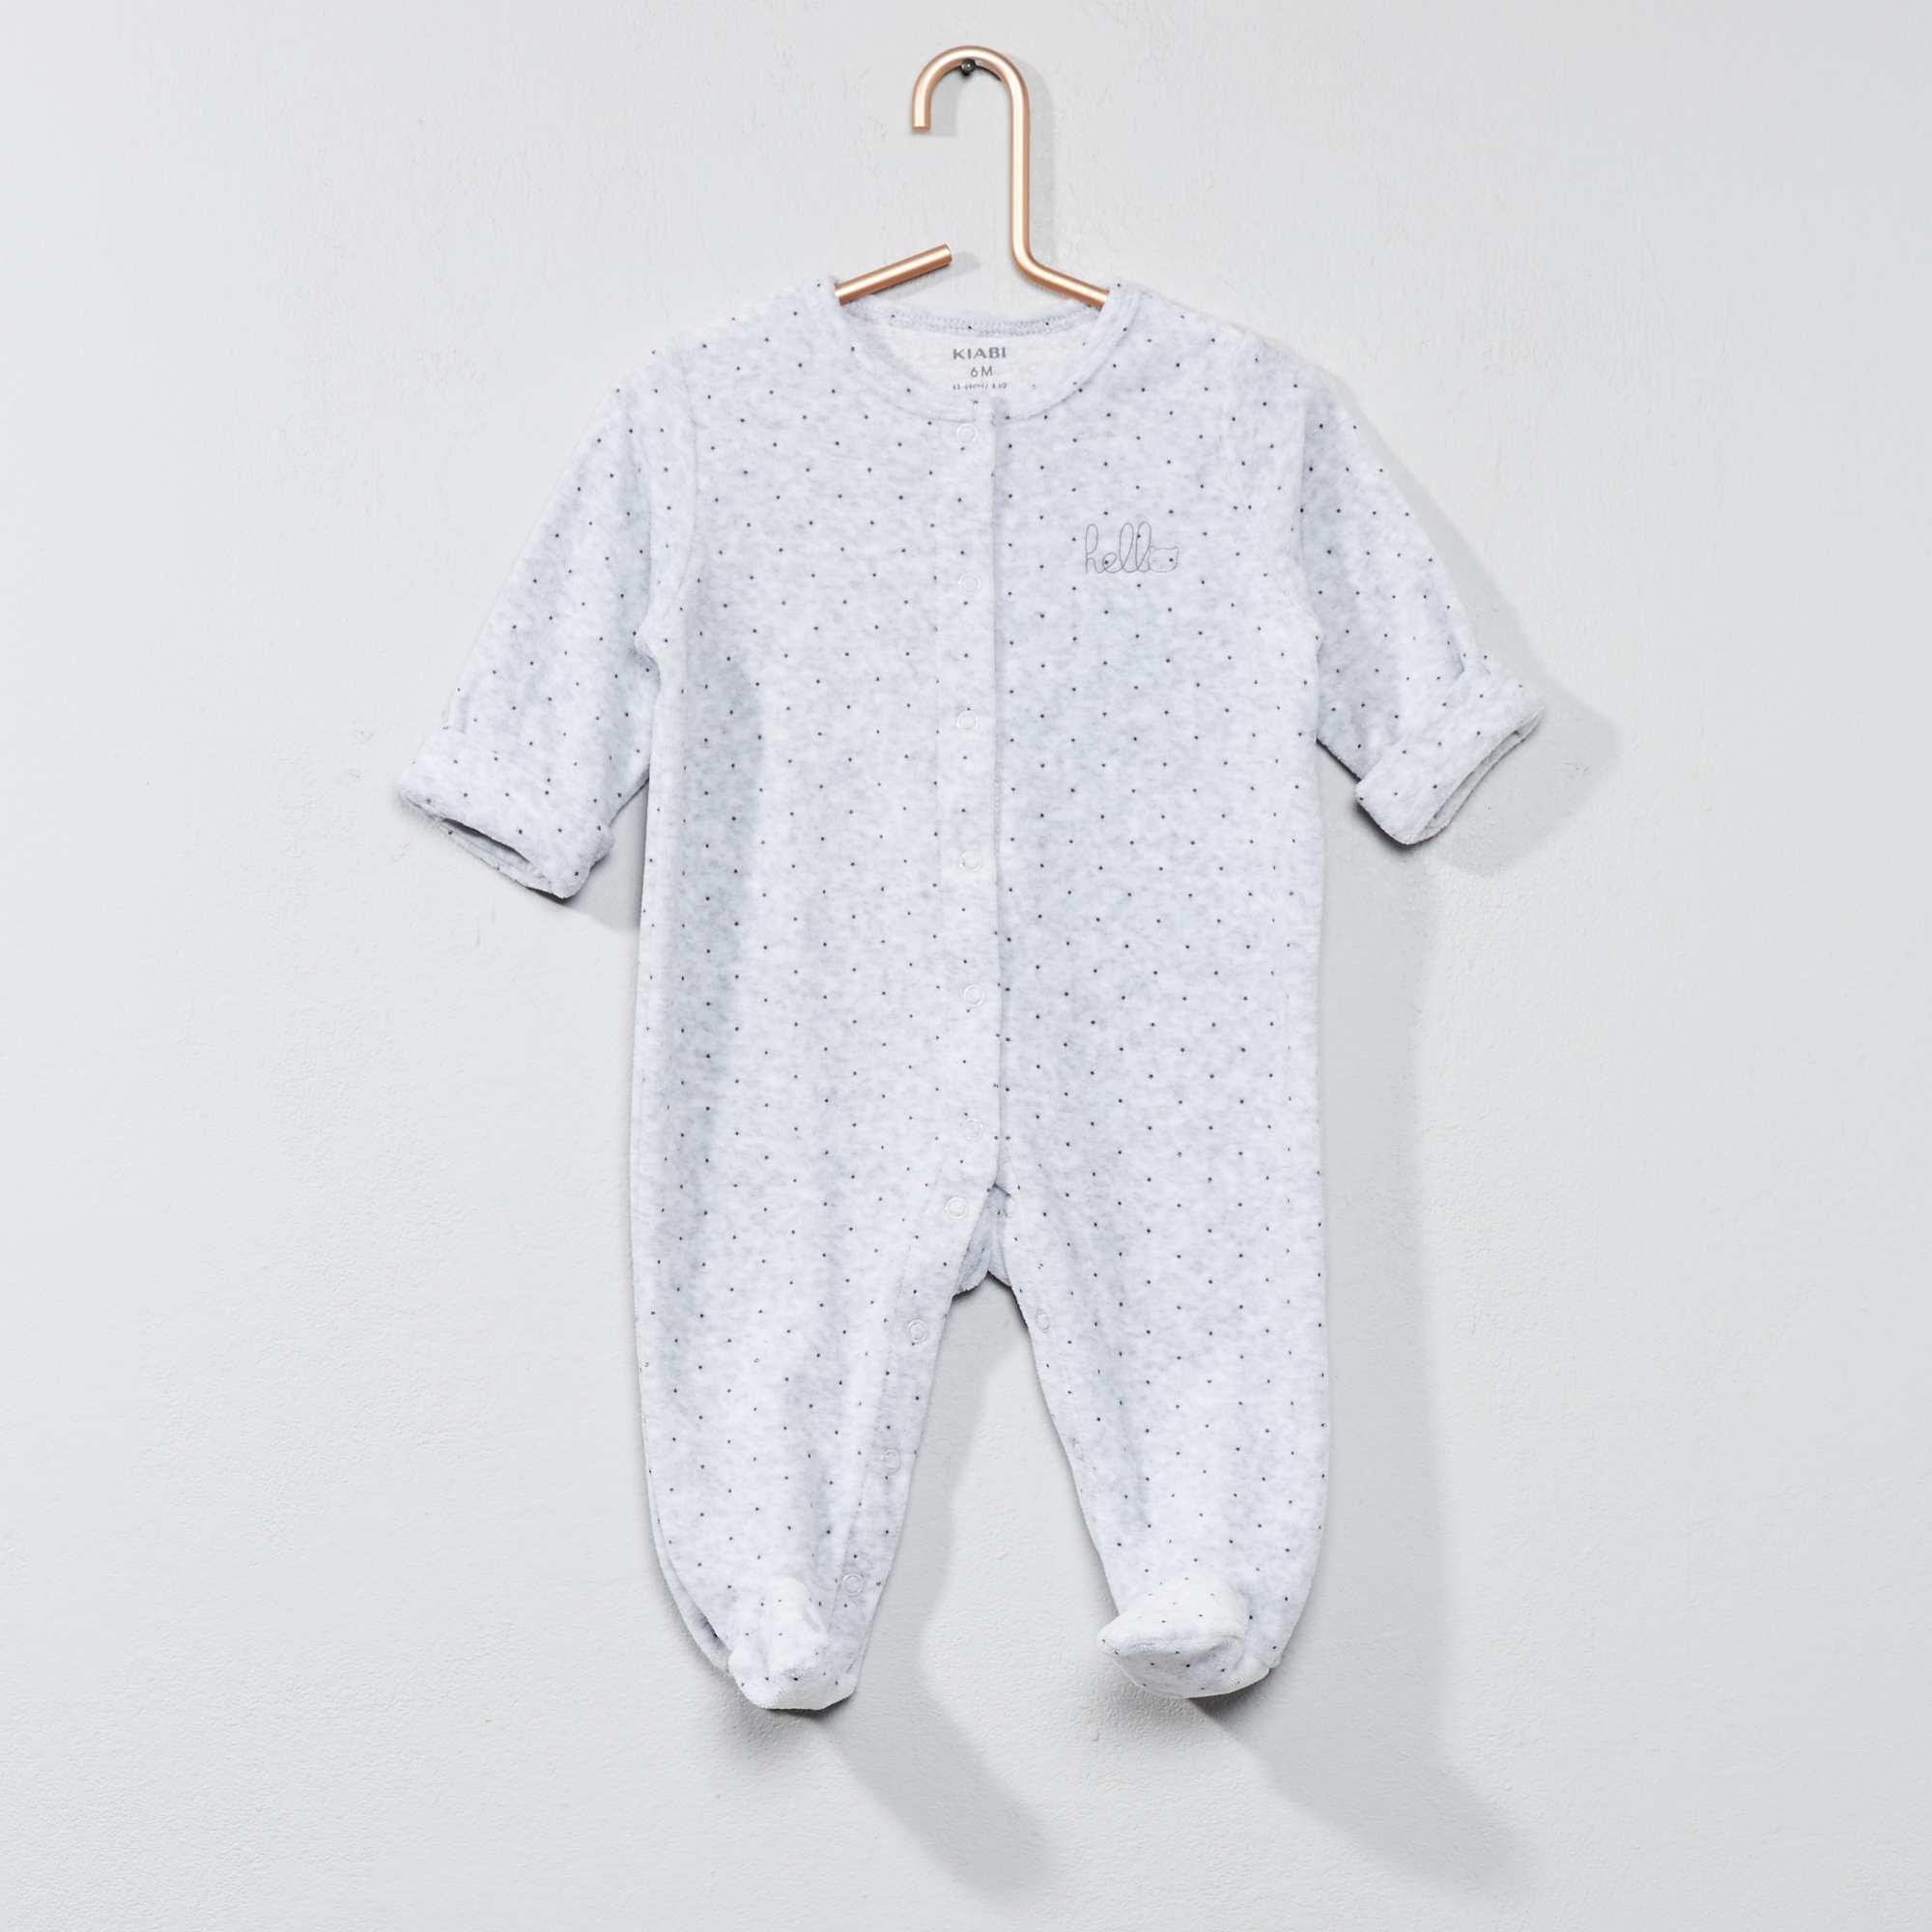 8b5d7d057bc75 Pyjama en velours  hello  en coton biologique gris Bébé garçon. Loading zoom